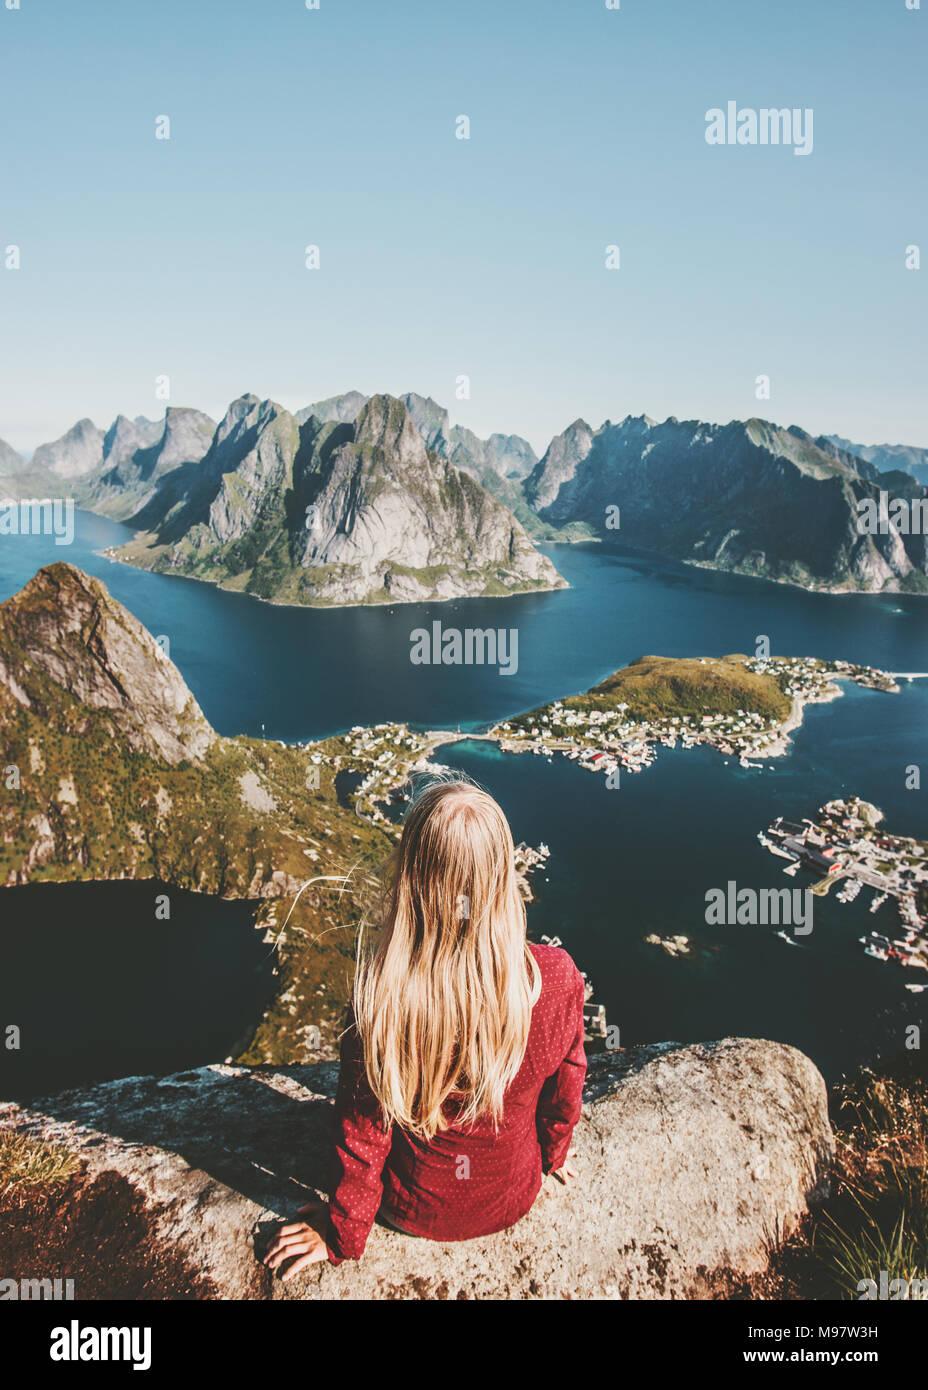 Donna antenna godendo di vista montagne viaggi in Norvegia su uno stile di vita sano concetto avventura outdoor estate vacanze isole Lofoten Immagini Stock